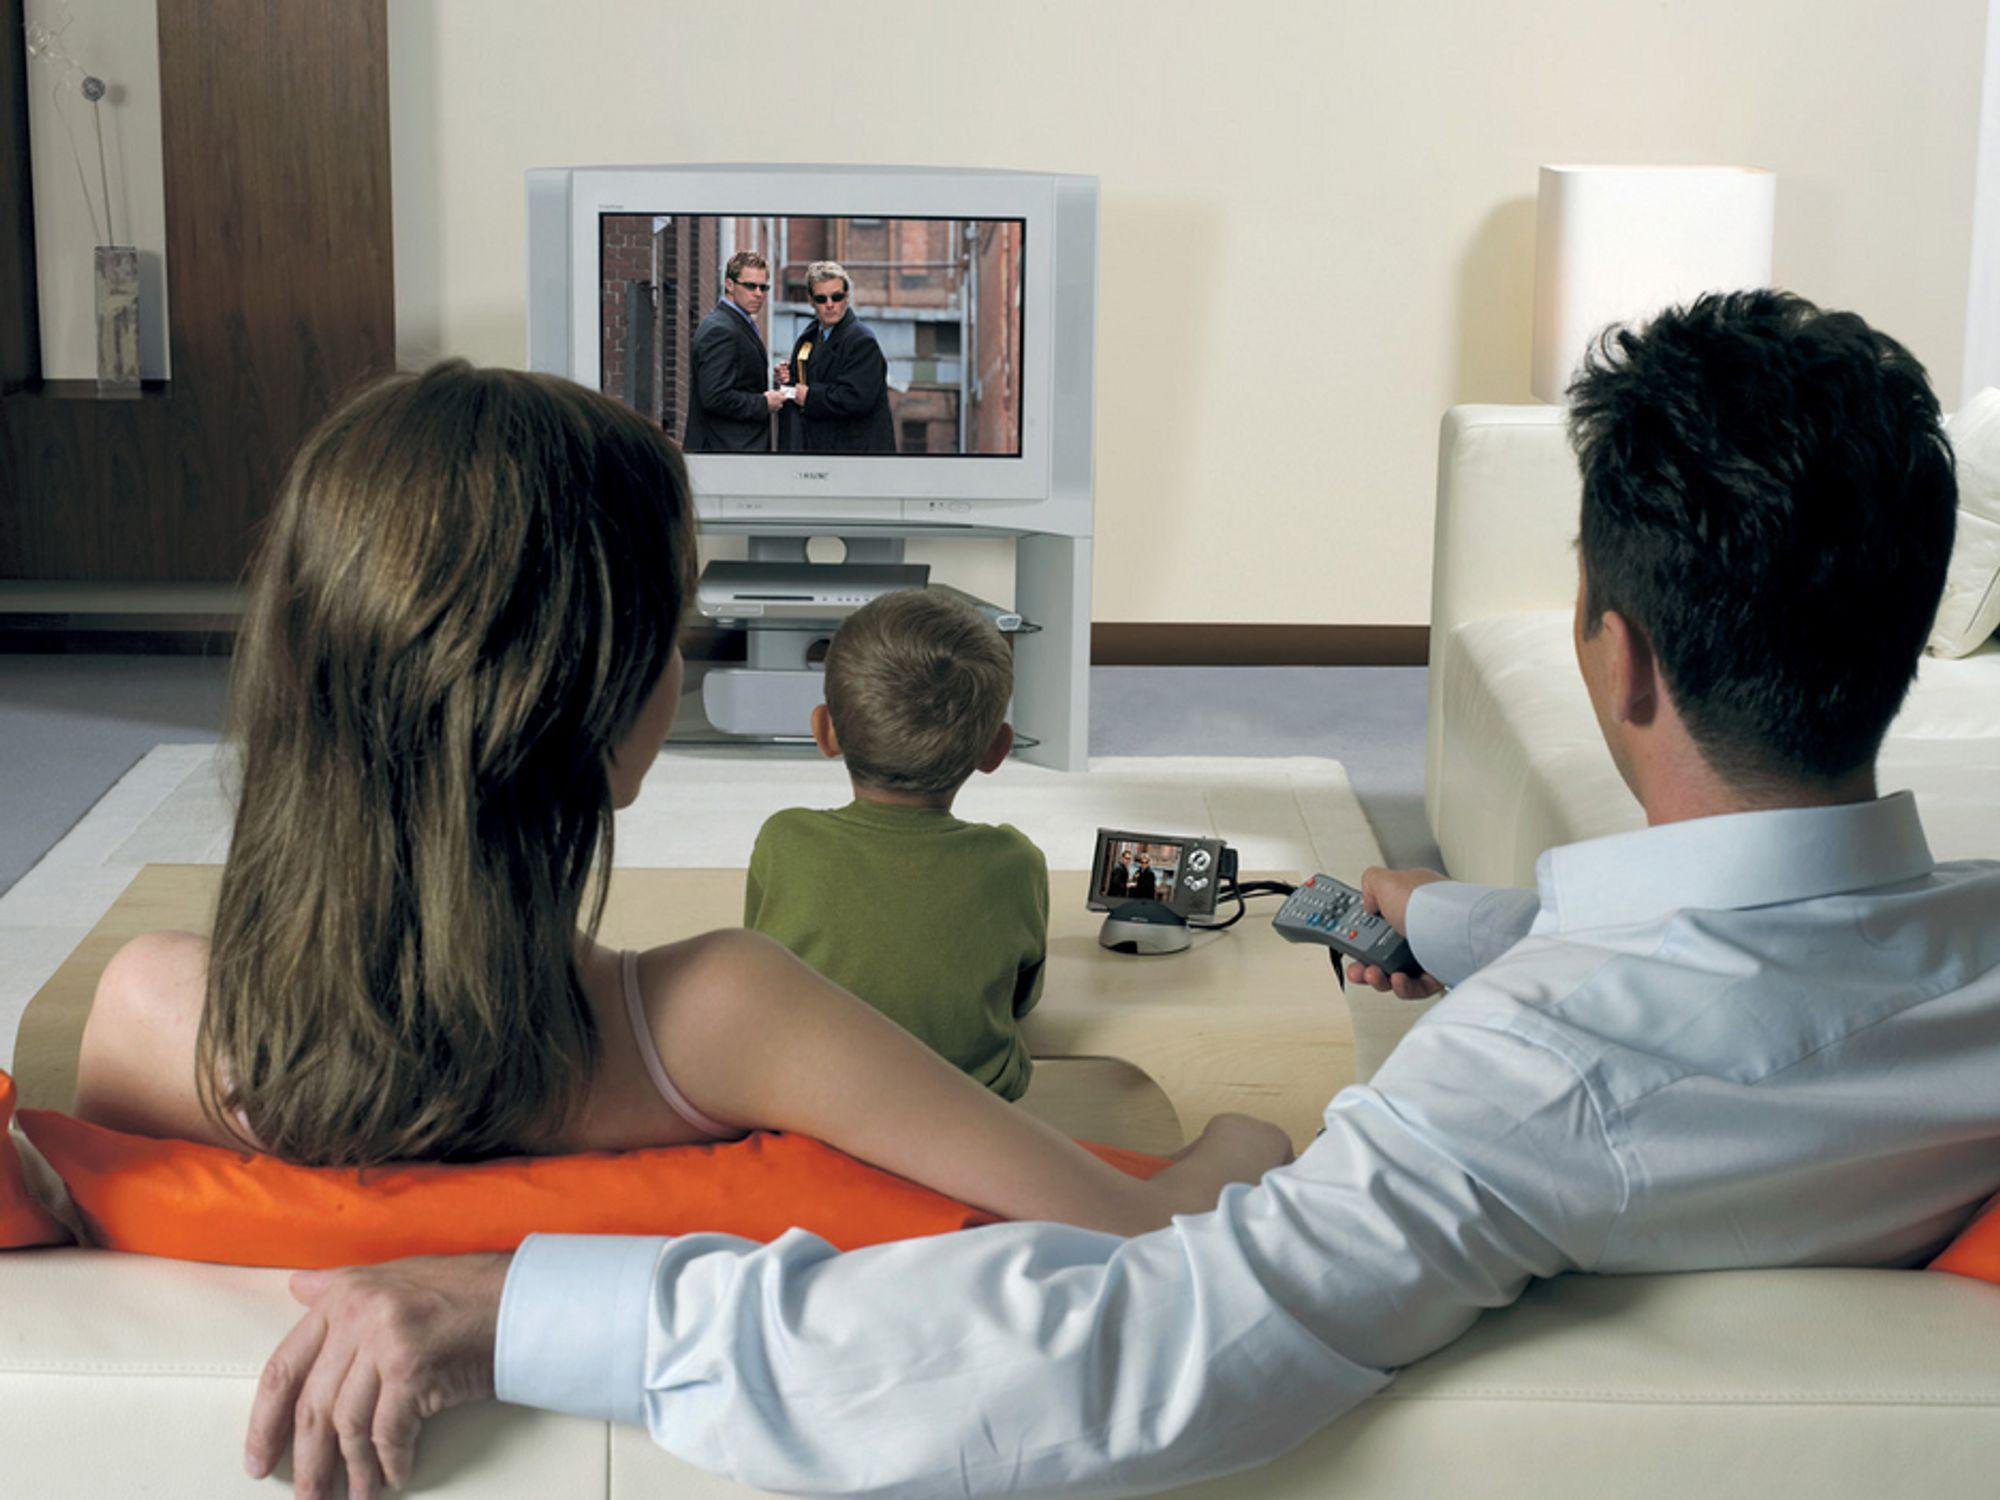 Norske husstander ligger på femteplass i Europa når det gjelder bredsbåndtilknytning. Fjernsyn over internett er et av tilbudene som kan øke denne prosentandelen.